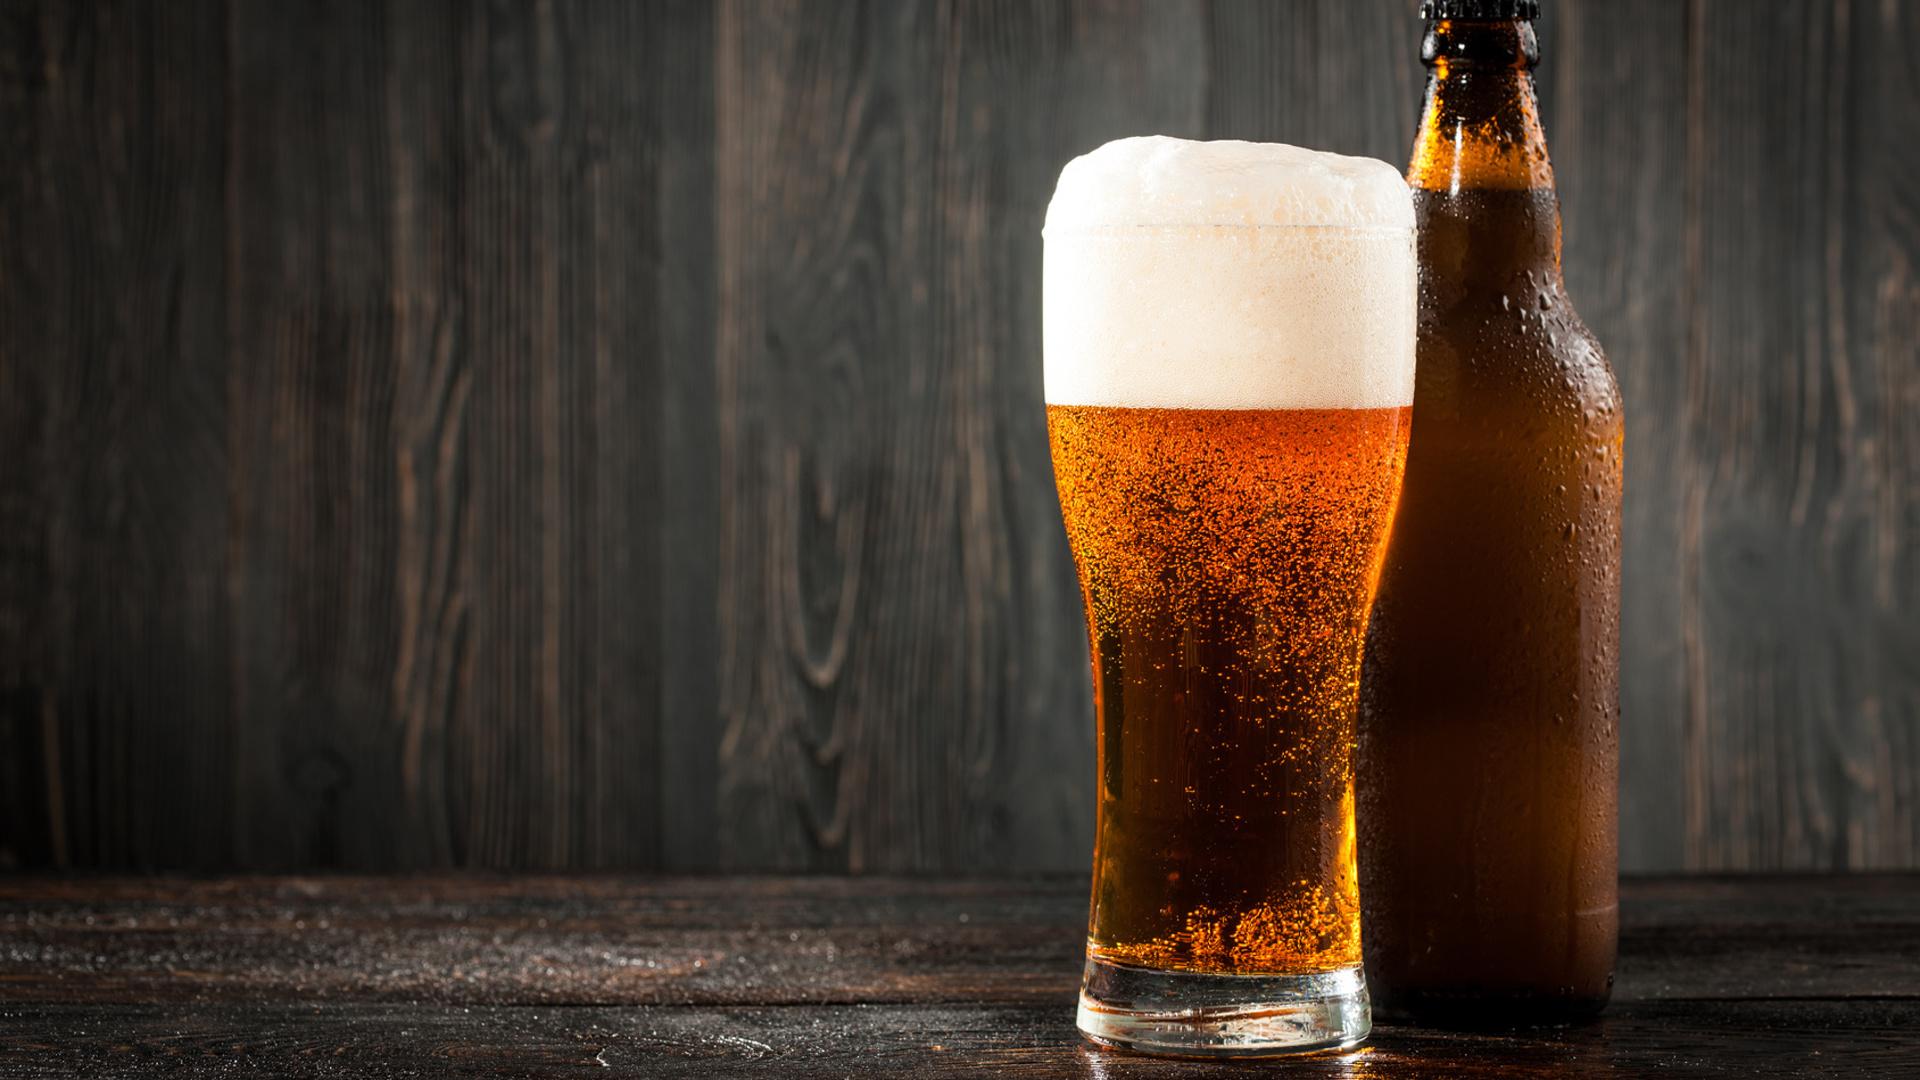 prevenir-enfermedades-cardiovasculares-y-neurodegenerativas-con-un-consumo-moderado-de-cerveza-1920